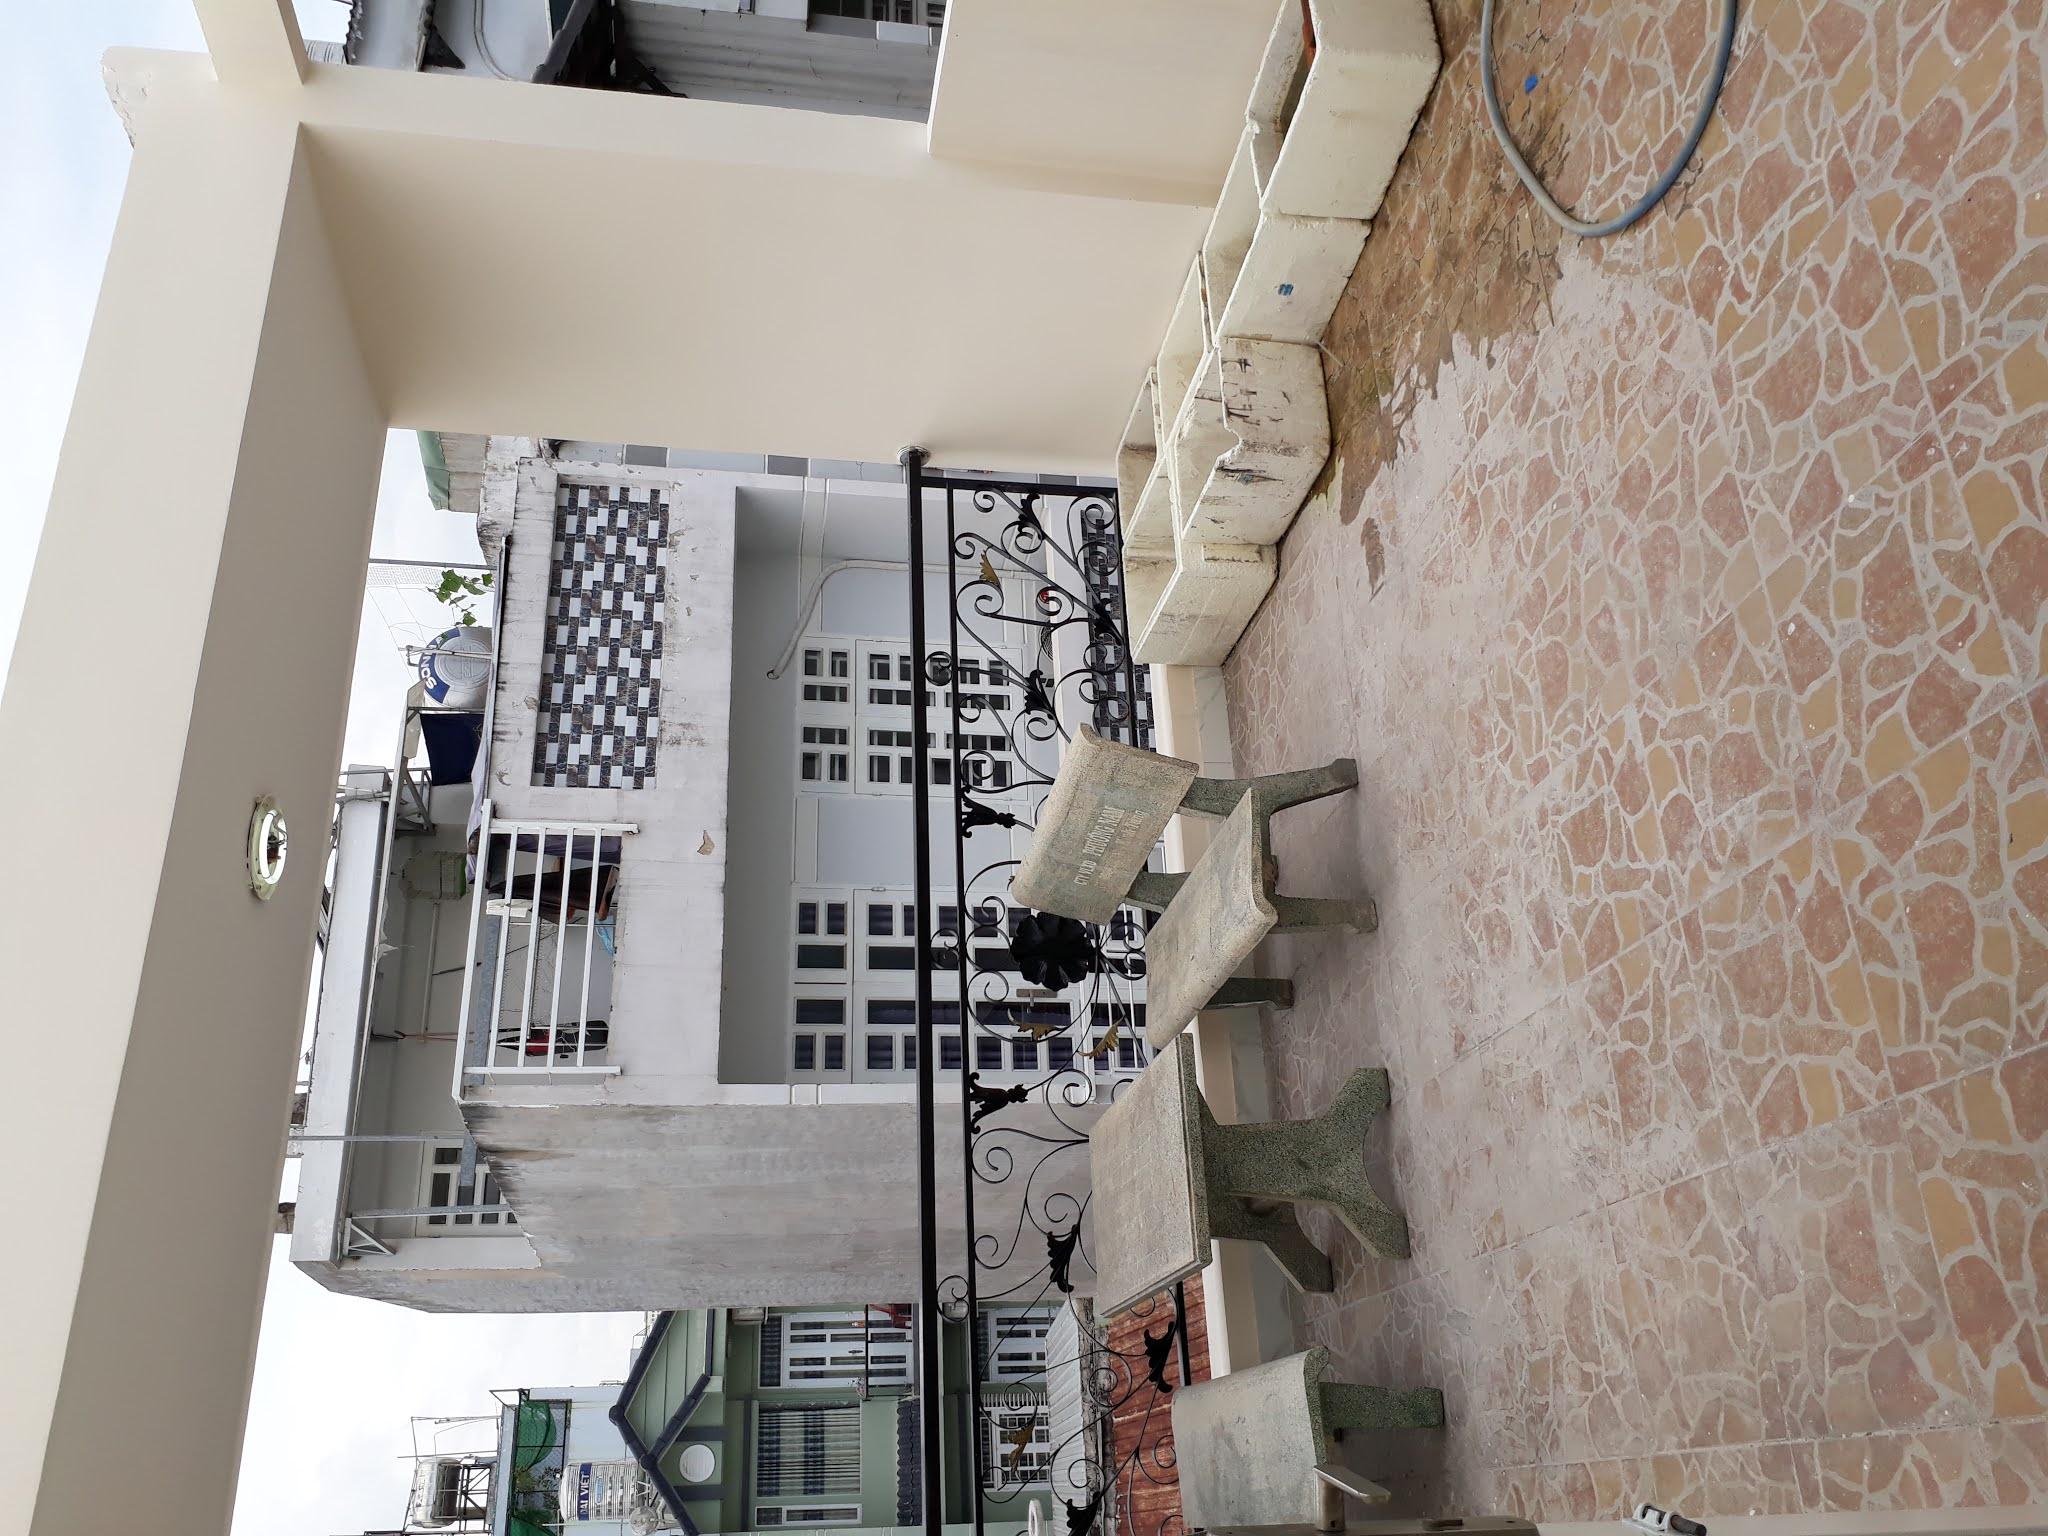 Bán nhà hẻm 441 Lê Văn Quới phường Bình Trị Đông A quận Bình Tân DT 4x10m đúc 3,5 tấm